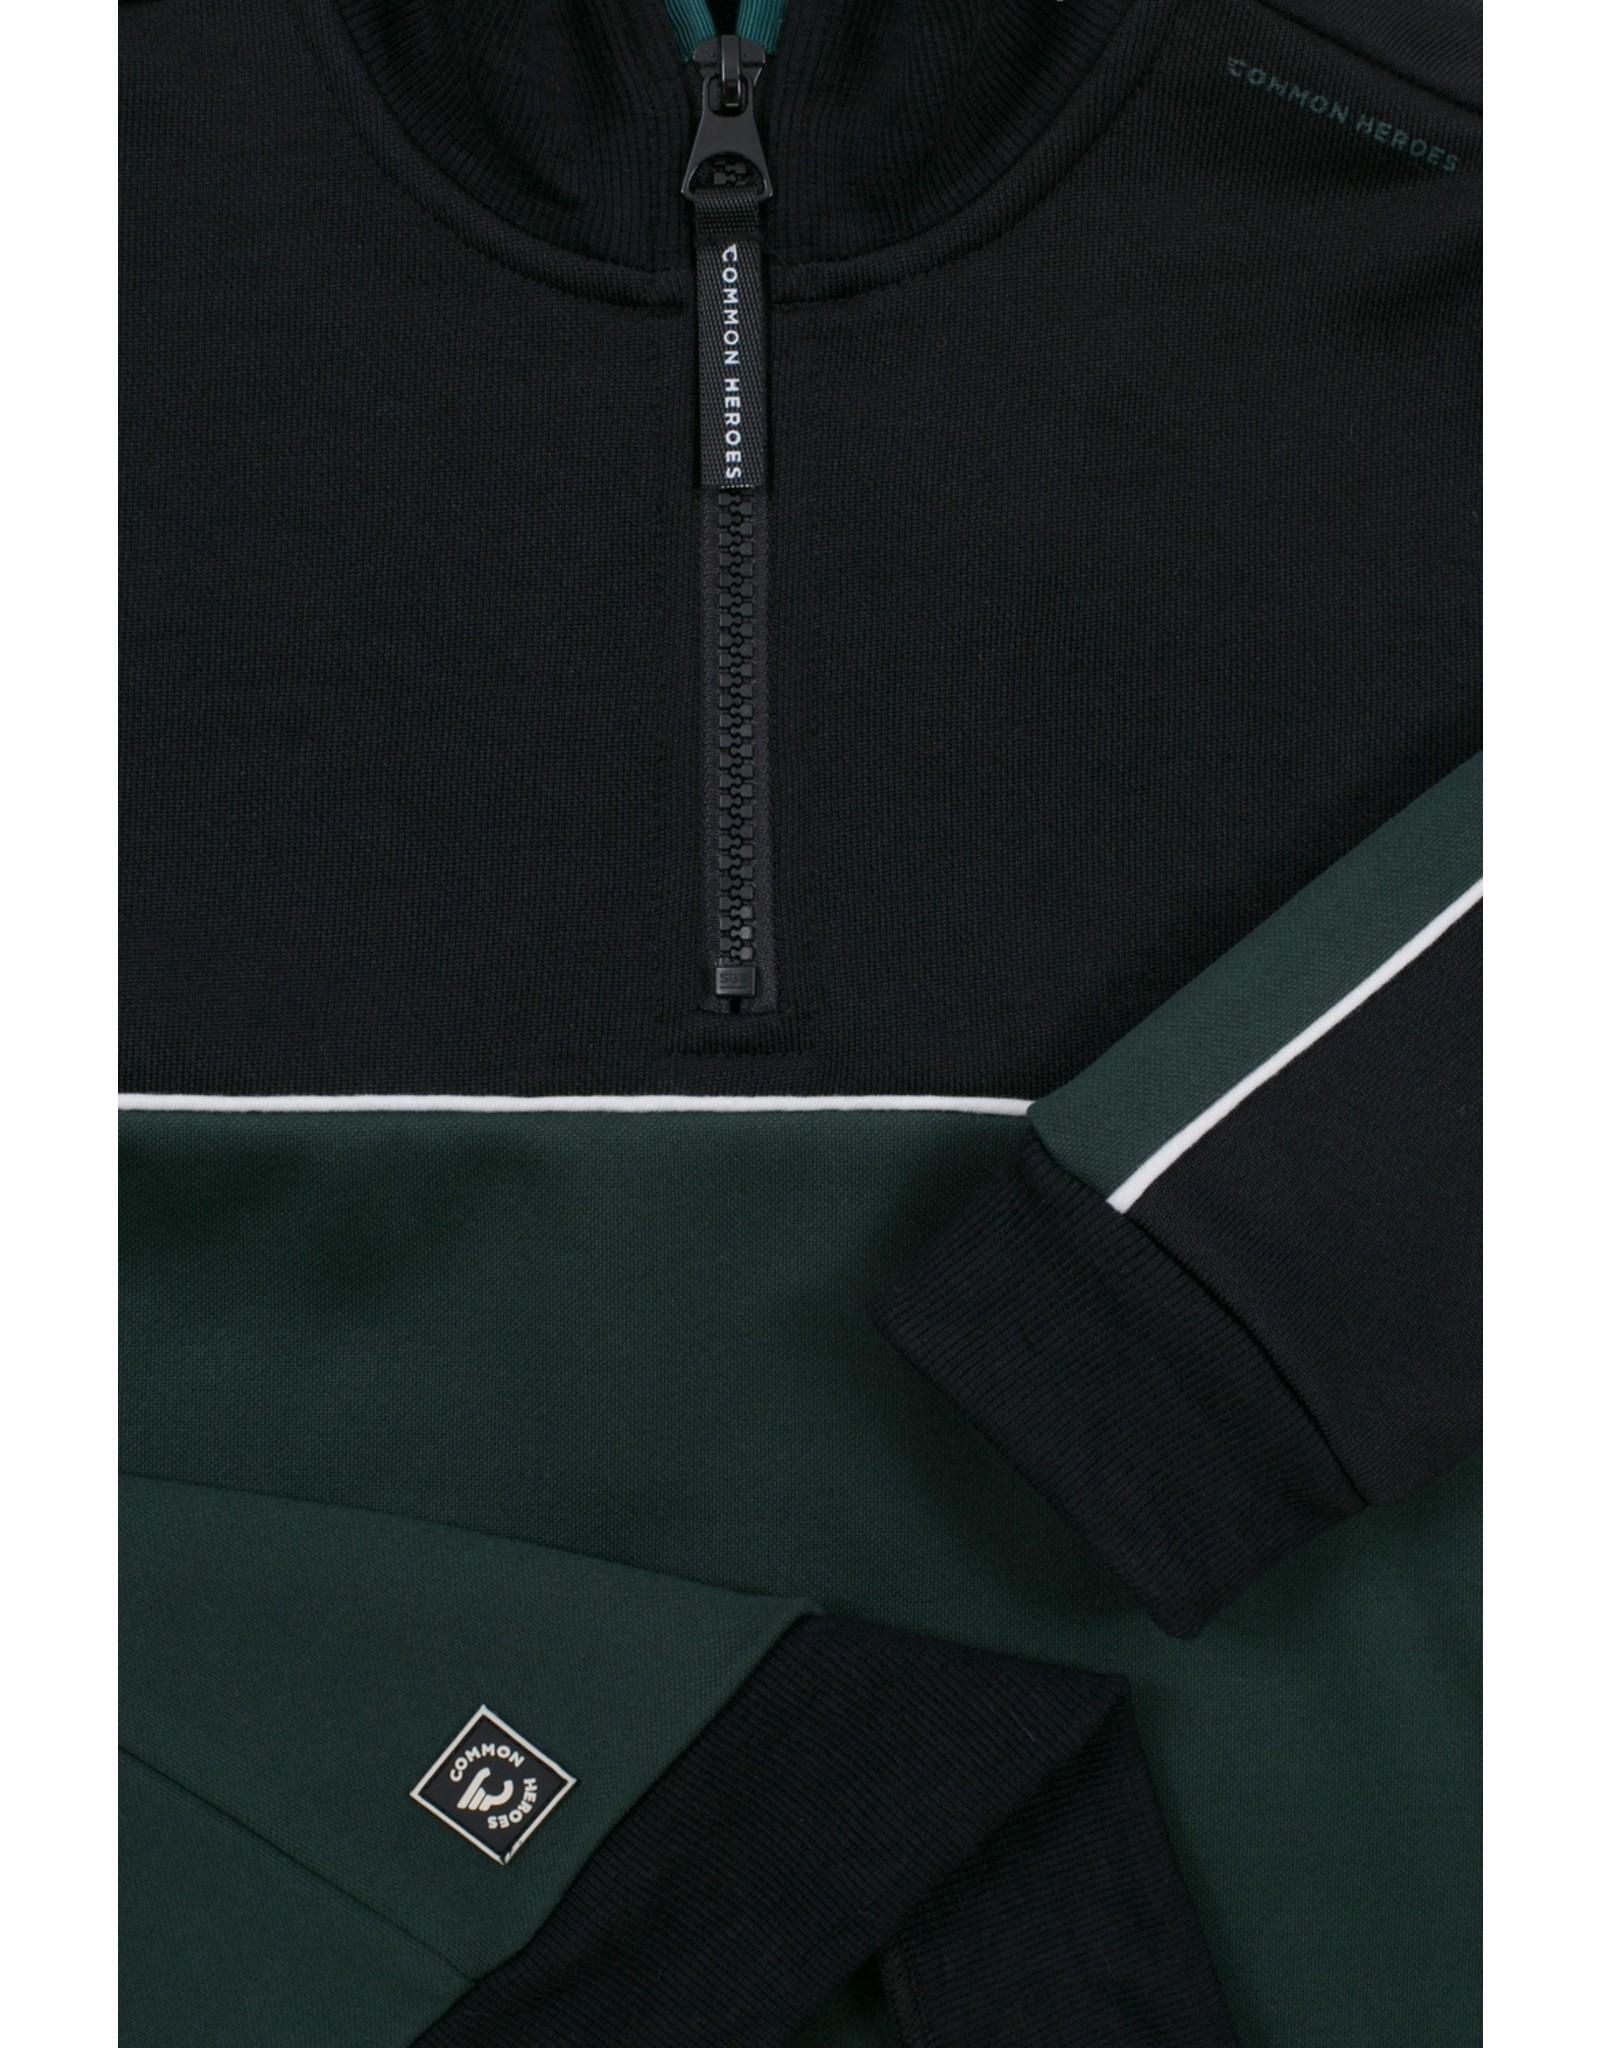 Common Heroes HUGO sweater maat 98/104